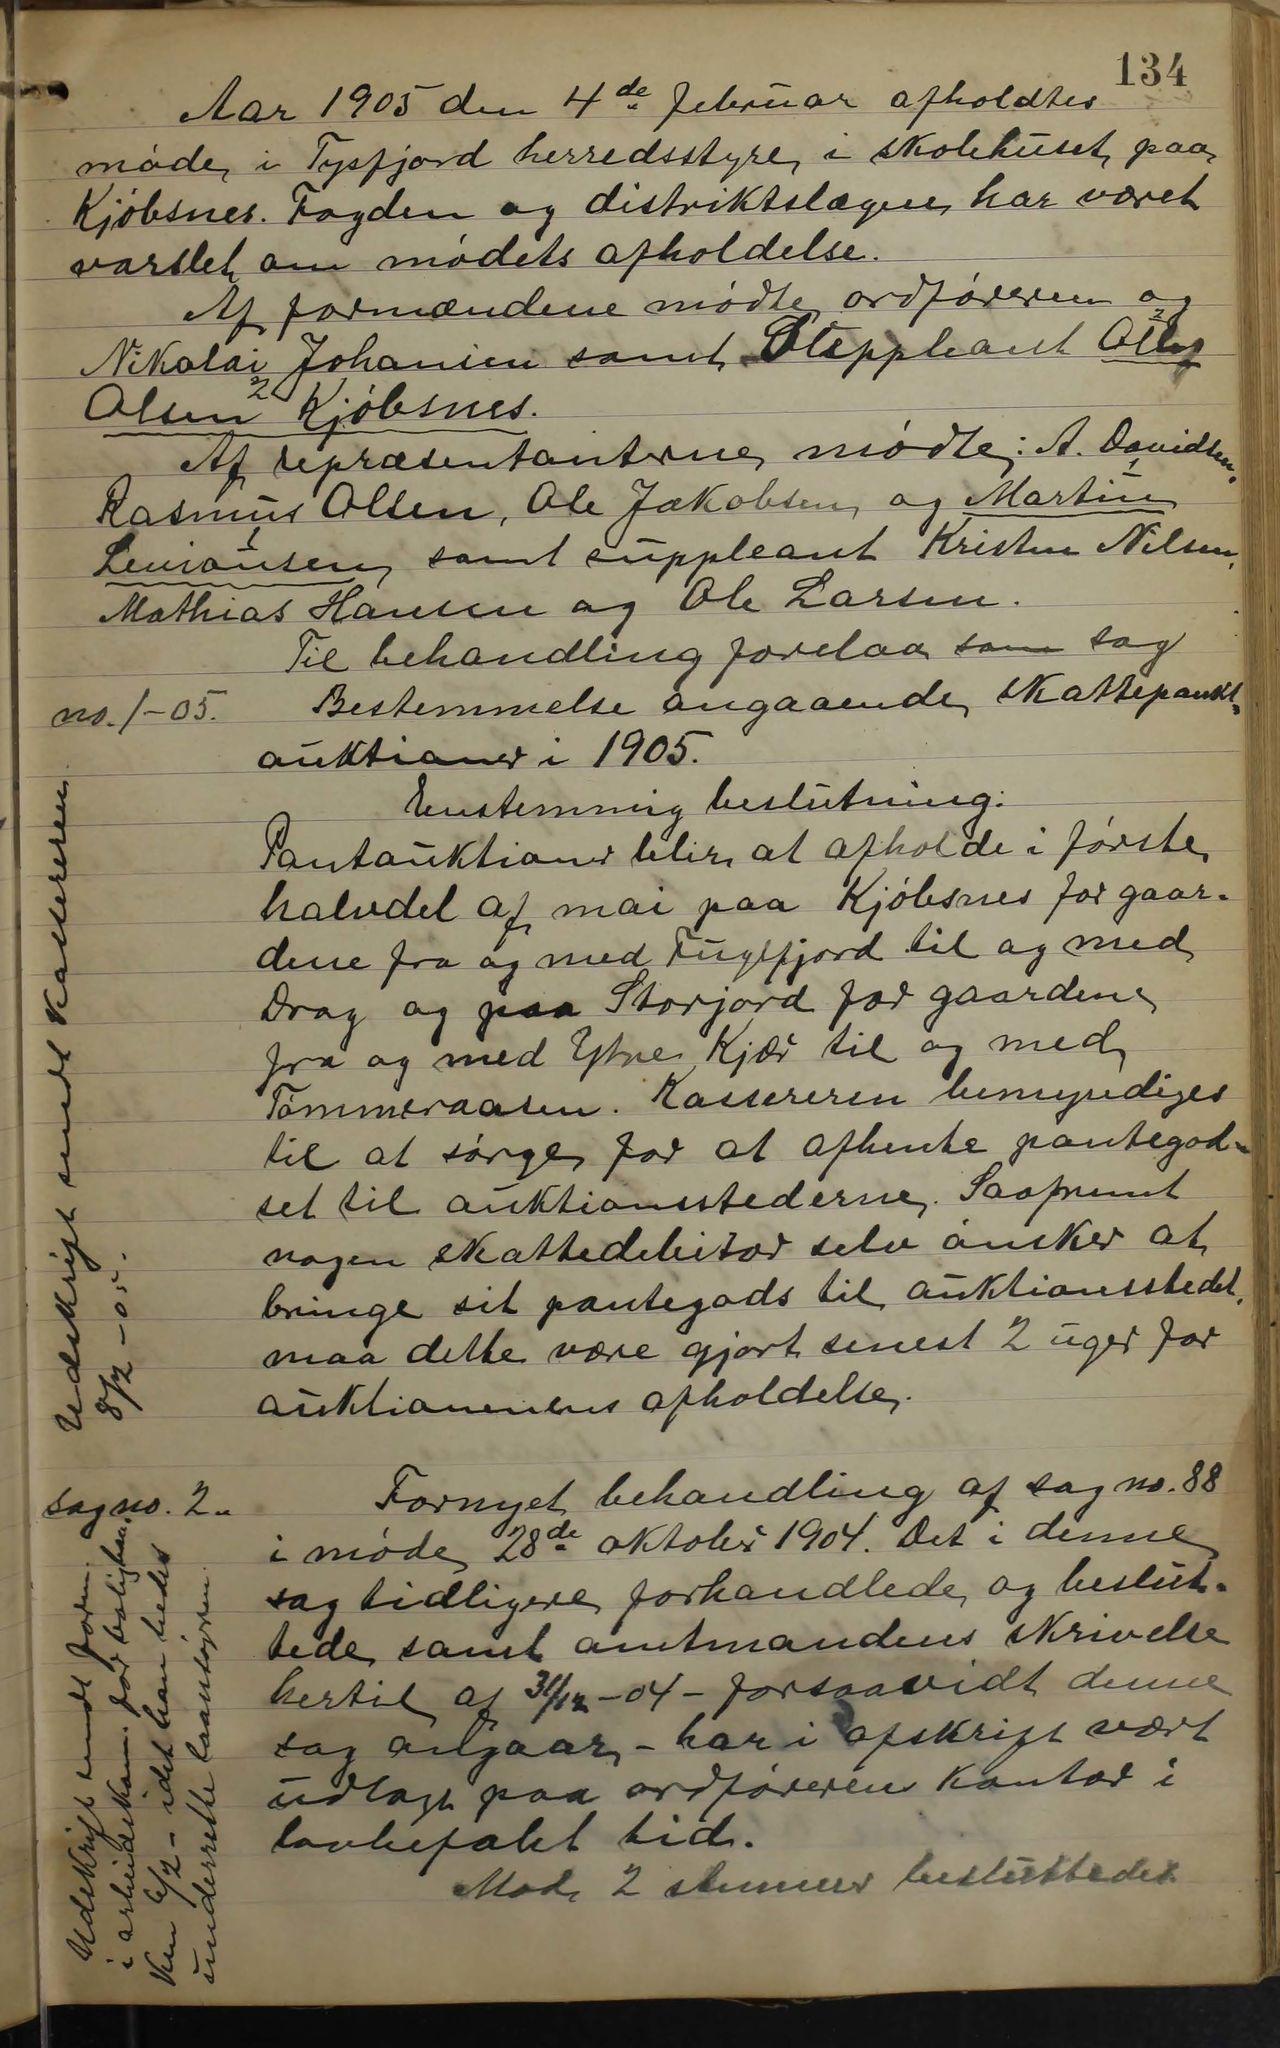 AIN, Tysfjord kommune. Formannskapet, 100/L0002: Forhandlingsprotokoll for Tysfjordens formandskap, 1895-1912, s. 134